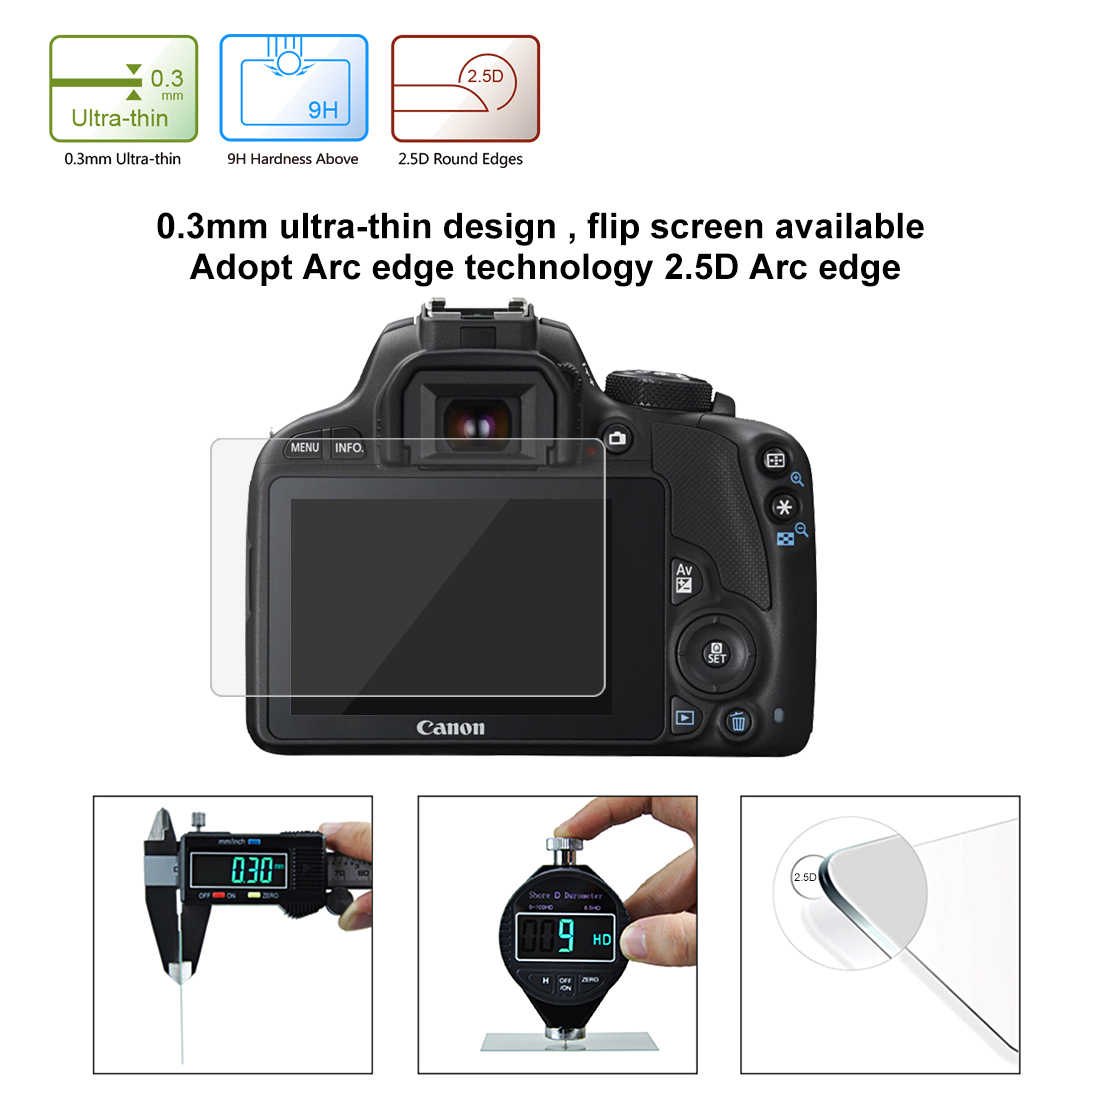 С уровнем твердости 9 H однообъективных цифровых зеркальных фотокамер и записывающих Камера ЖК-дисплей закаленное Стекло для цифровой однообъективной зеркальной камеры Canon EOS M3 M5 M10 100D Rebel SL1/Kiss X7 PowerShot G1X Mark II G1X2 Экран протектор-@